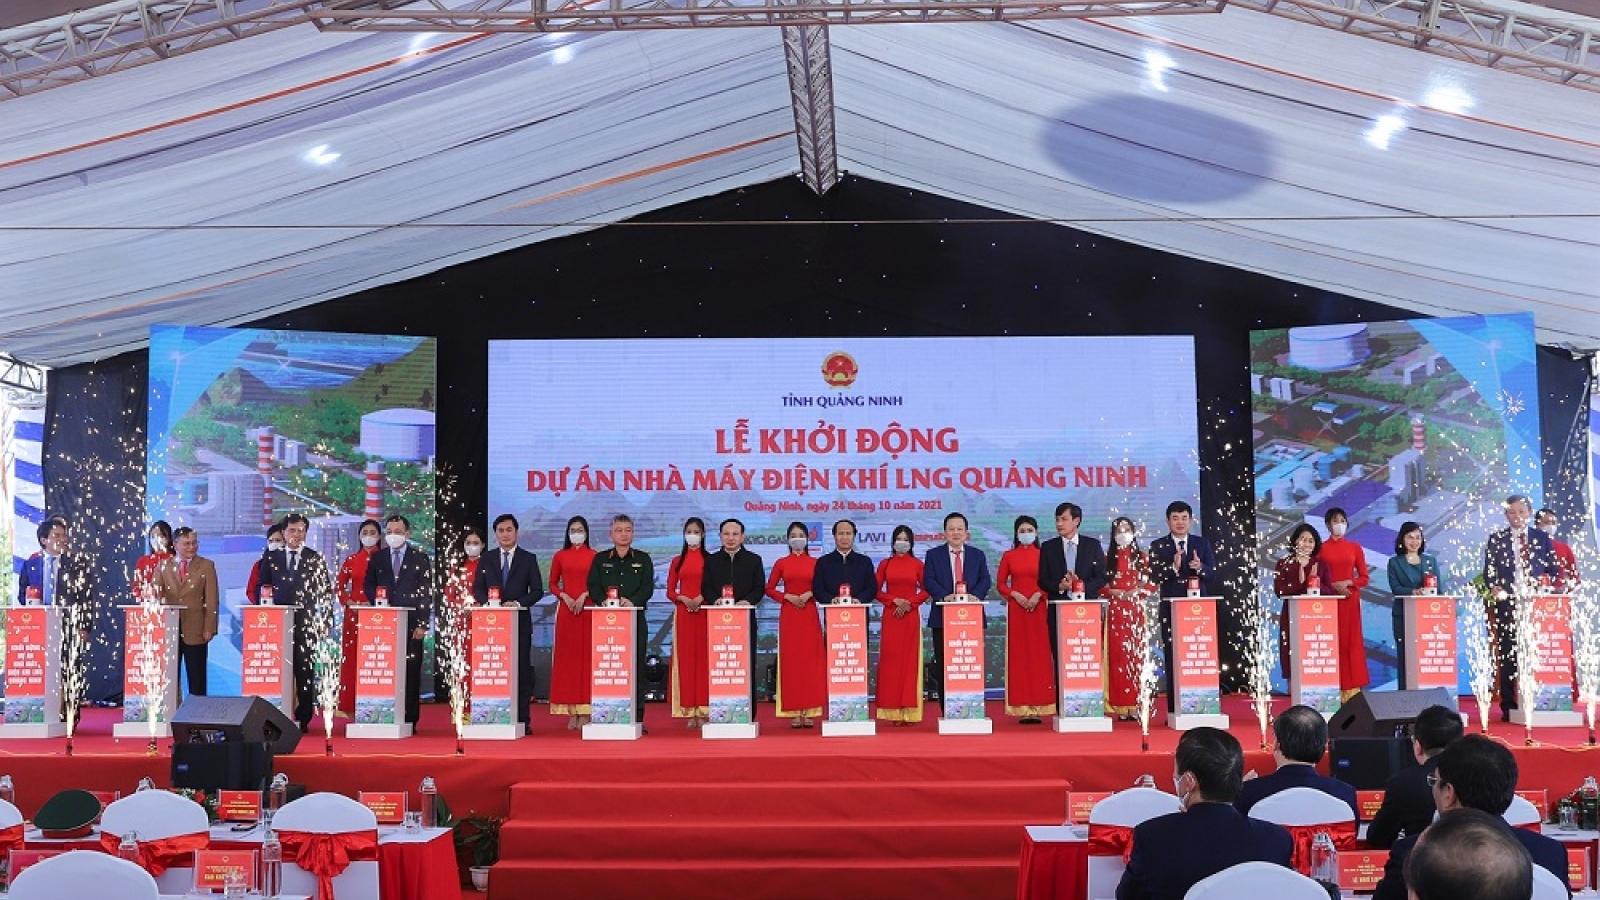 Quảng Ninh khởi công, khởi động 4 dự án 280.000 tỷ đồng trong cùng 1 ngày